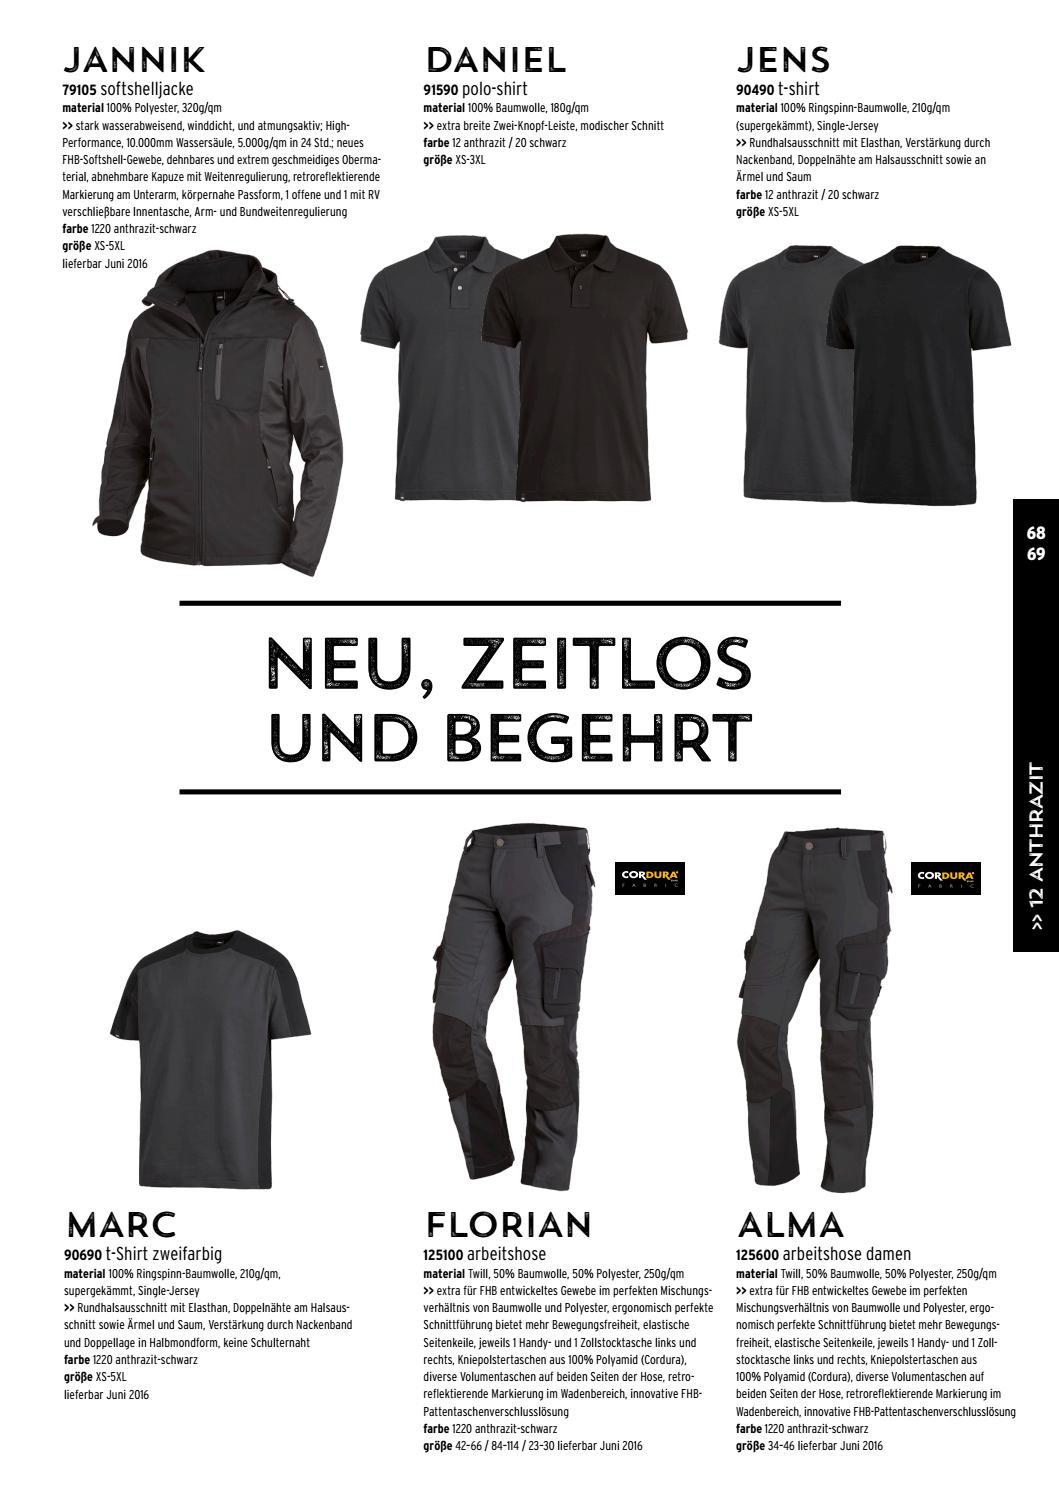 FHB Arbeitshose FLORIAN 125100 anthrazit//schwarz